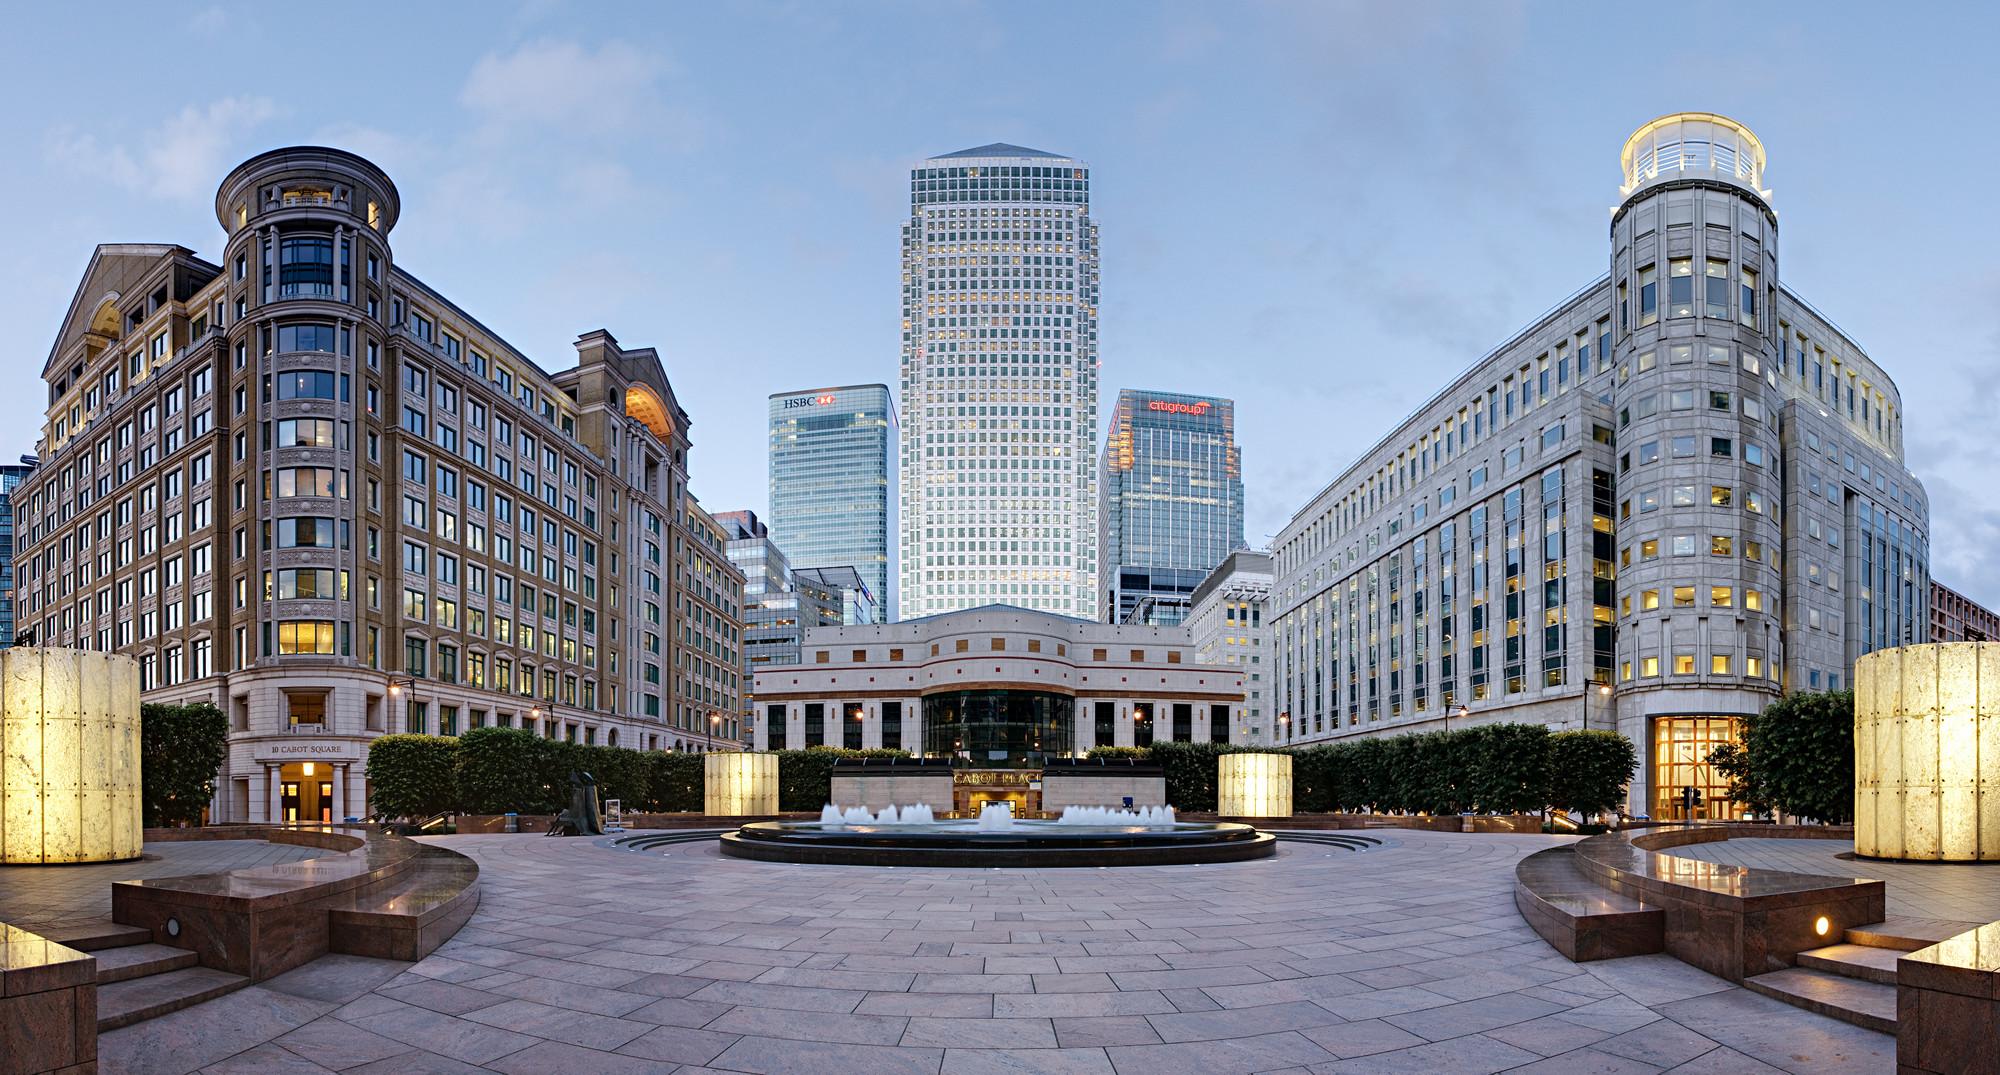 Второй бизнес-центр Лондона после Сити (City) – Канареечная Верфь (Canary Wharf)